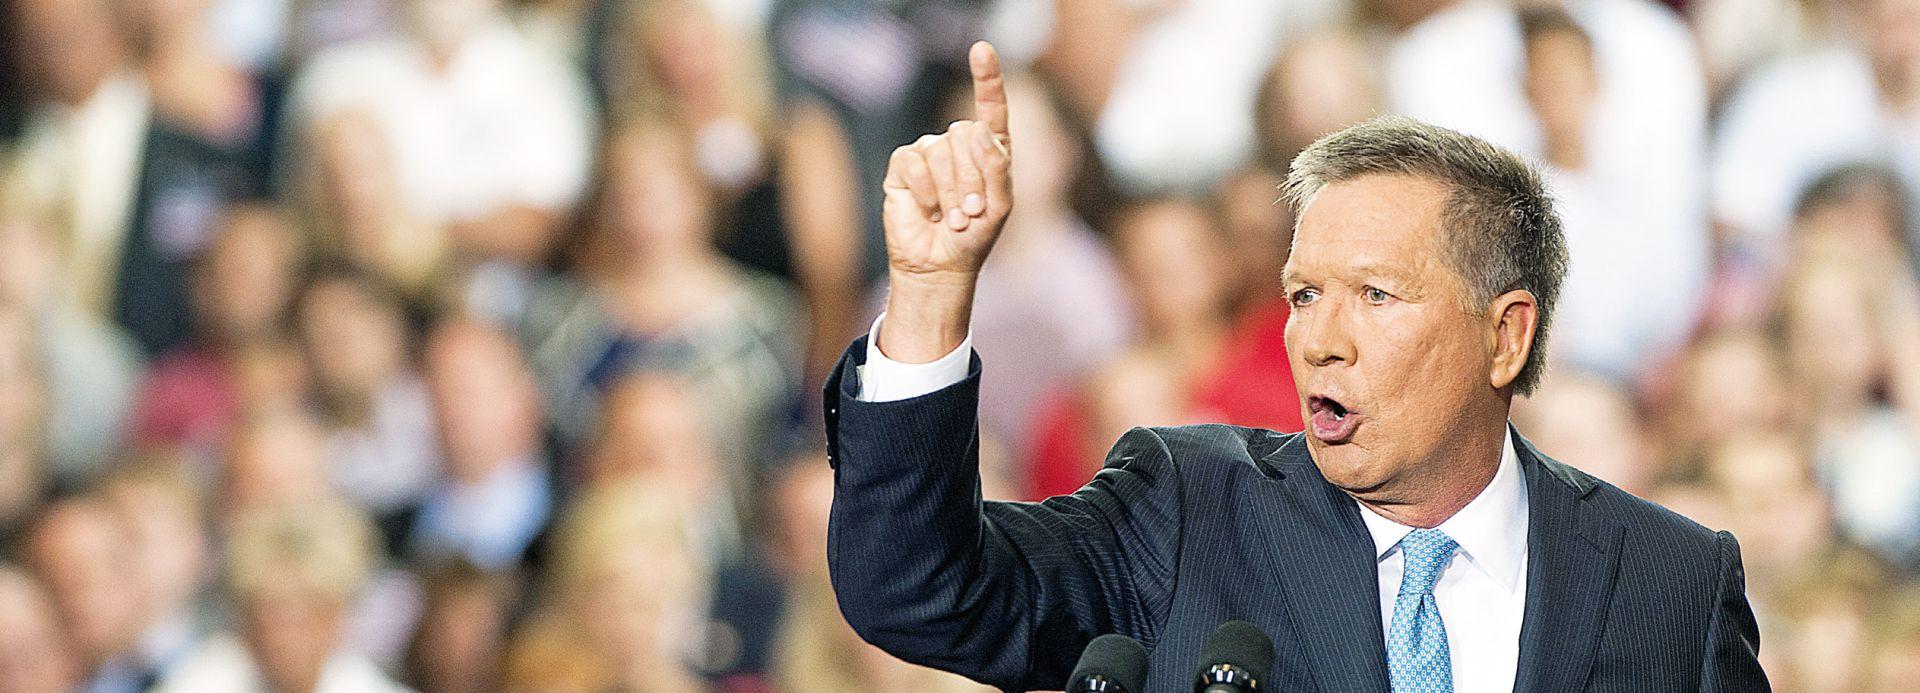 PRIPREME ZA IZBORE U SAD-u: 10 republikanaca na prvom TV sučeljavanju u utrci za predsjedničkog kandidata